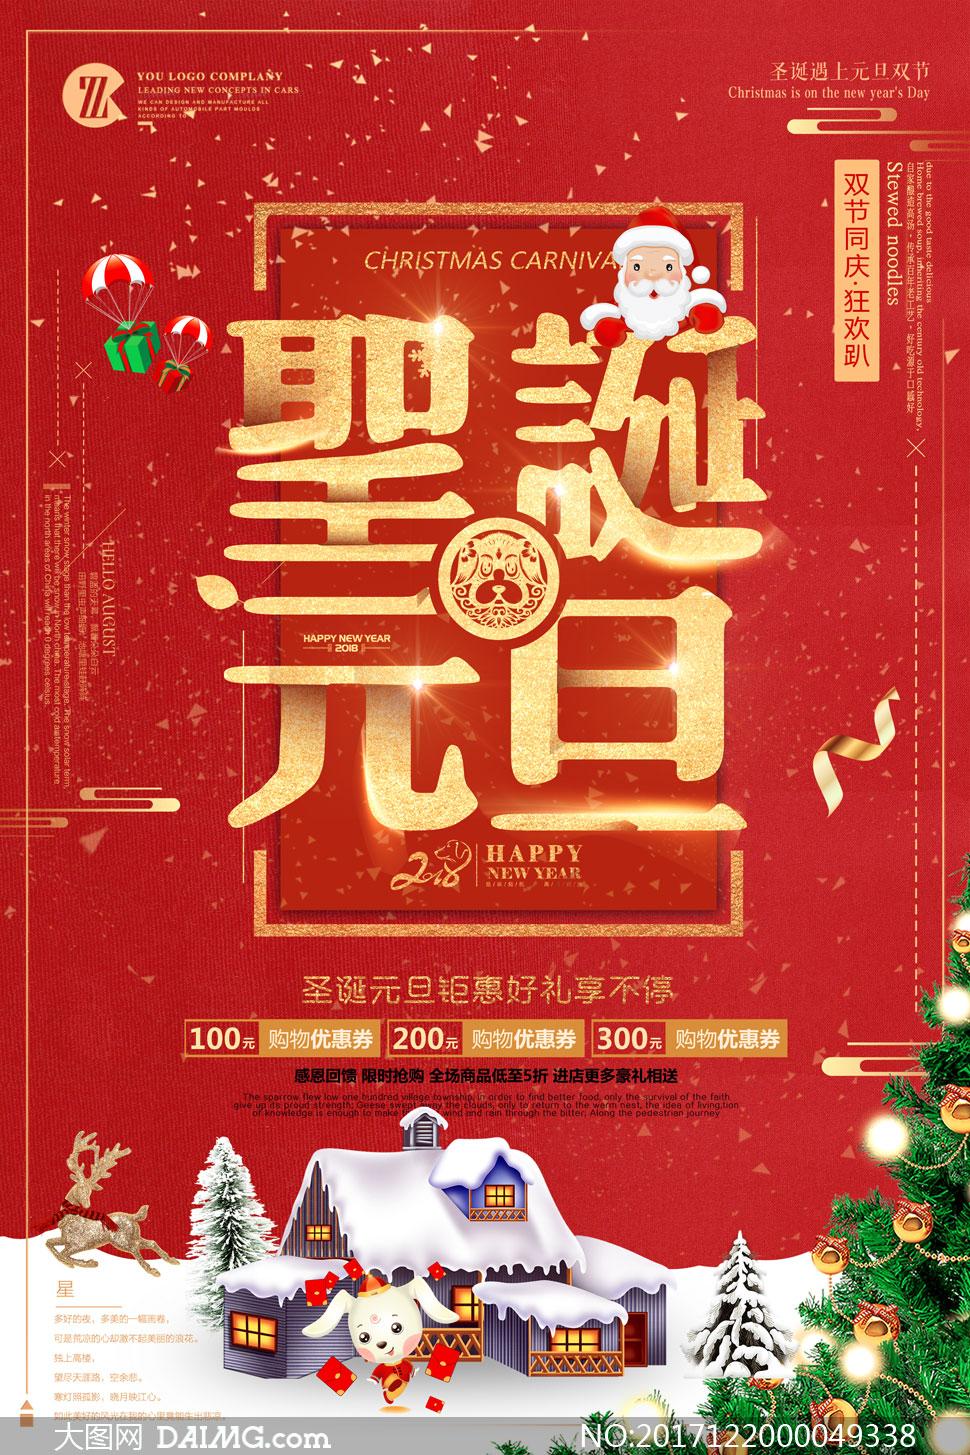 圣诞元旦好礼促销海报设计psd素材